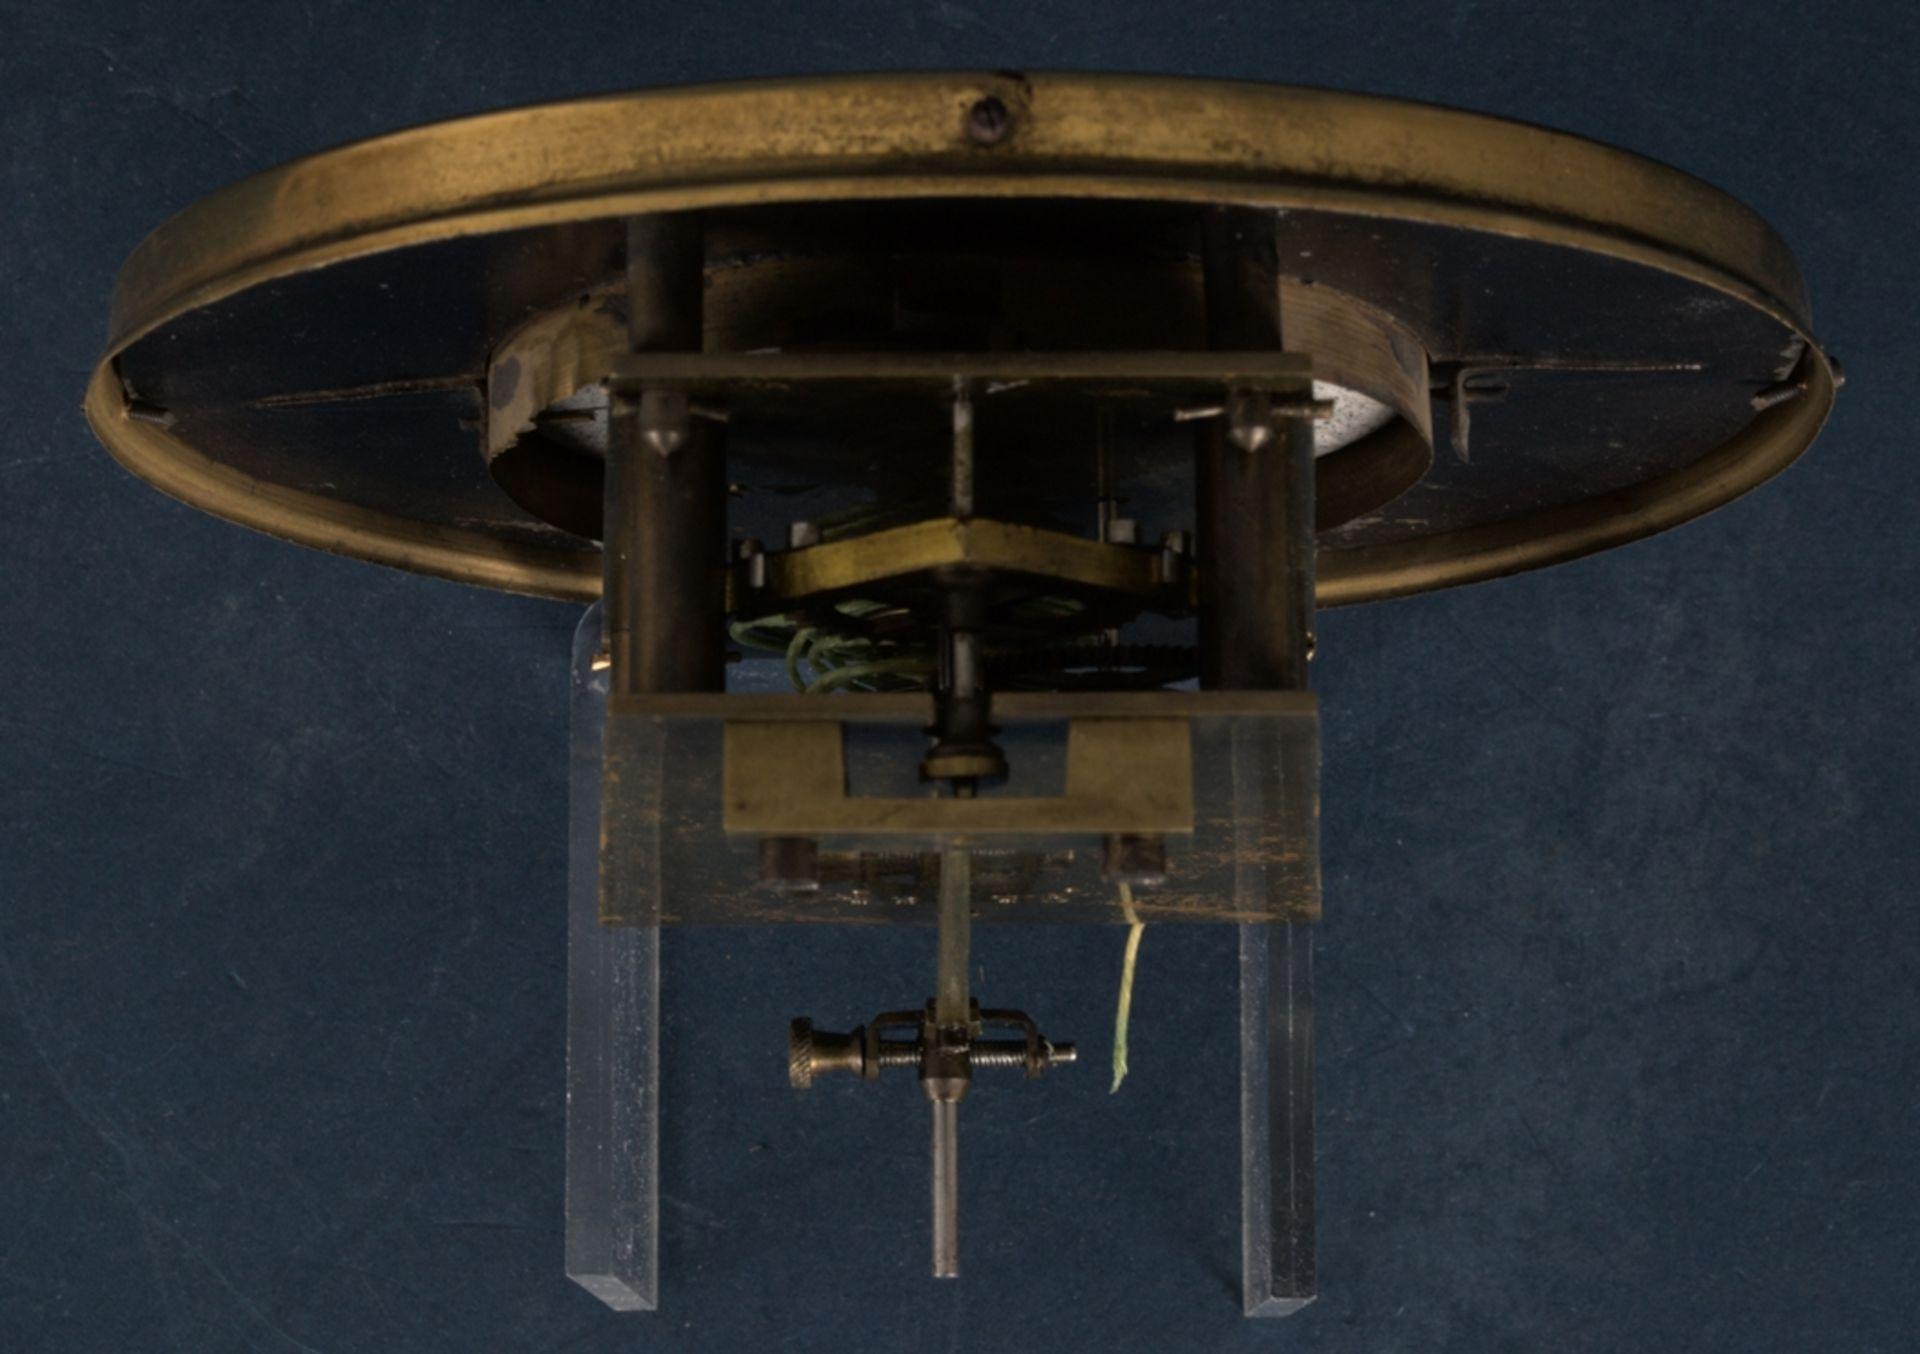 Wandregulator, eingewichtige, mechanische Wanduhr im Nussbaumgehäuse. Werk ungeprüft. Höhe ca. 95 - Bild 14 aus 19